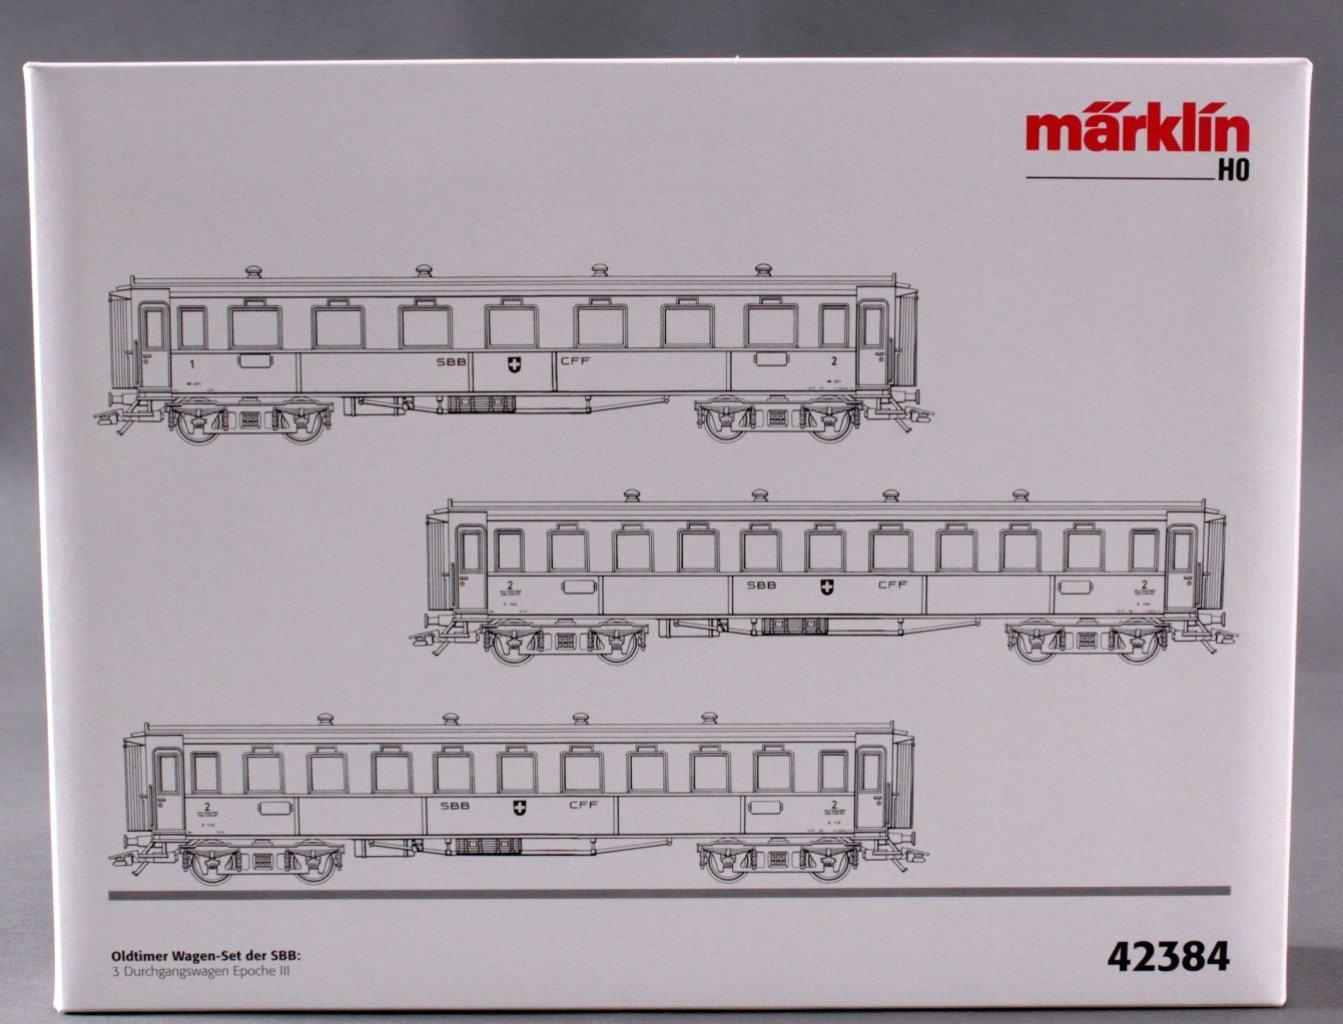 MÄRKLIN H0 42384 Oldtimer Wagen-Set der SBB-2